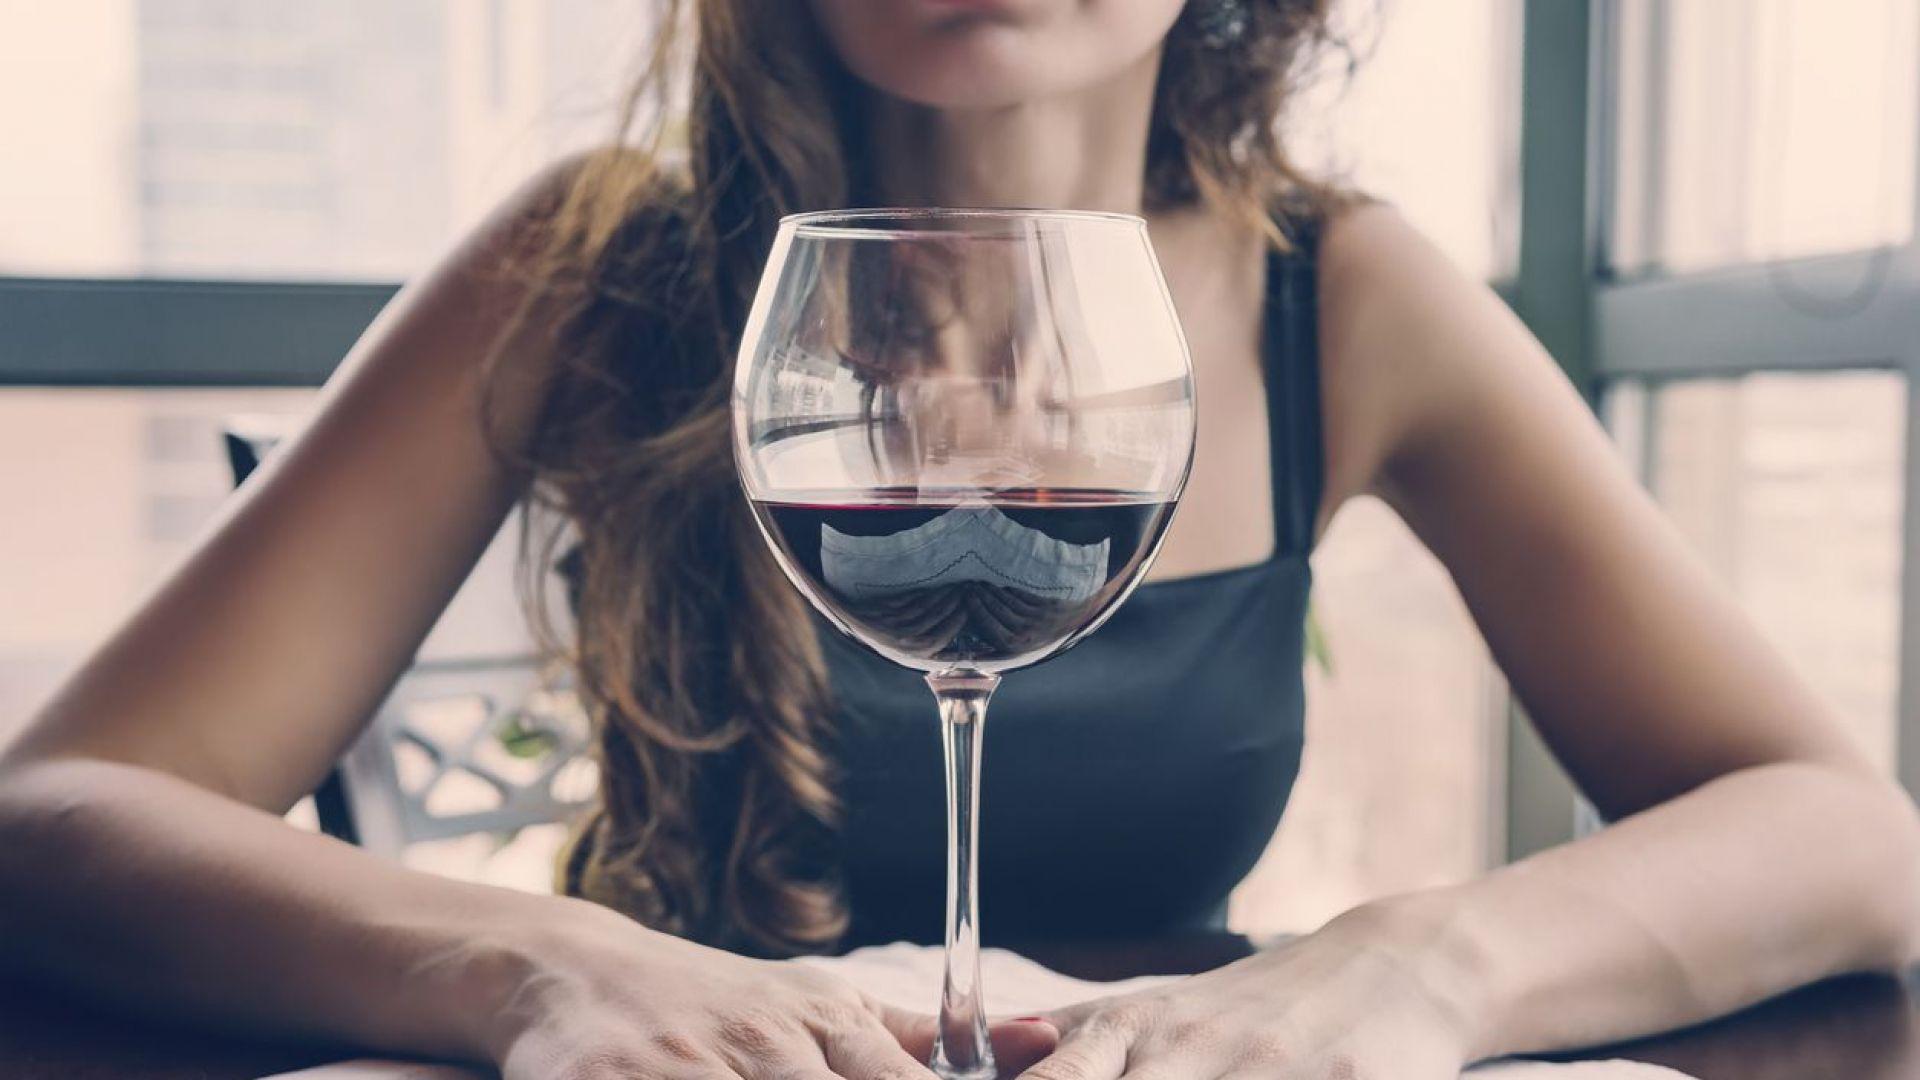 Виното в големи чаши се изпива по-бързо